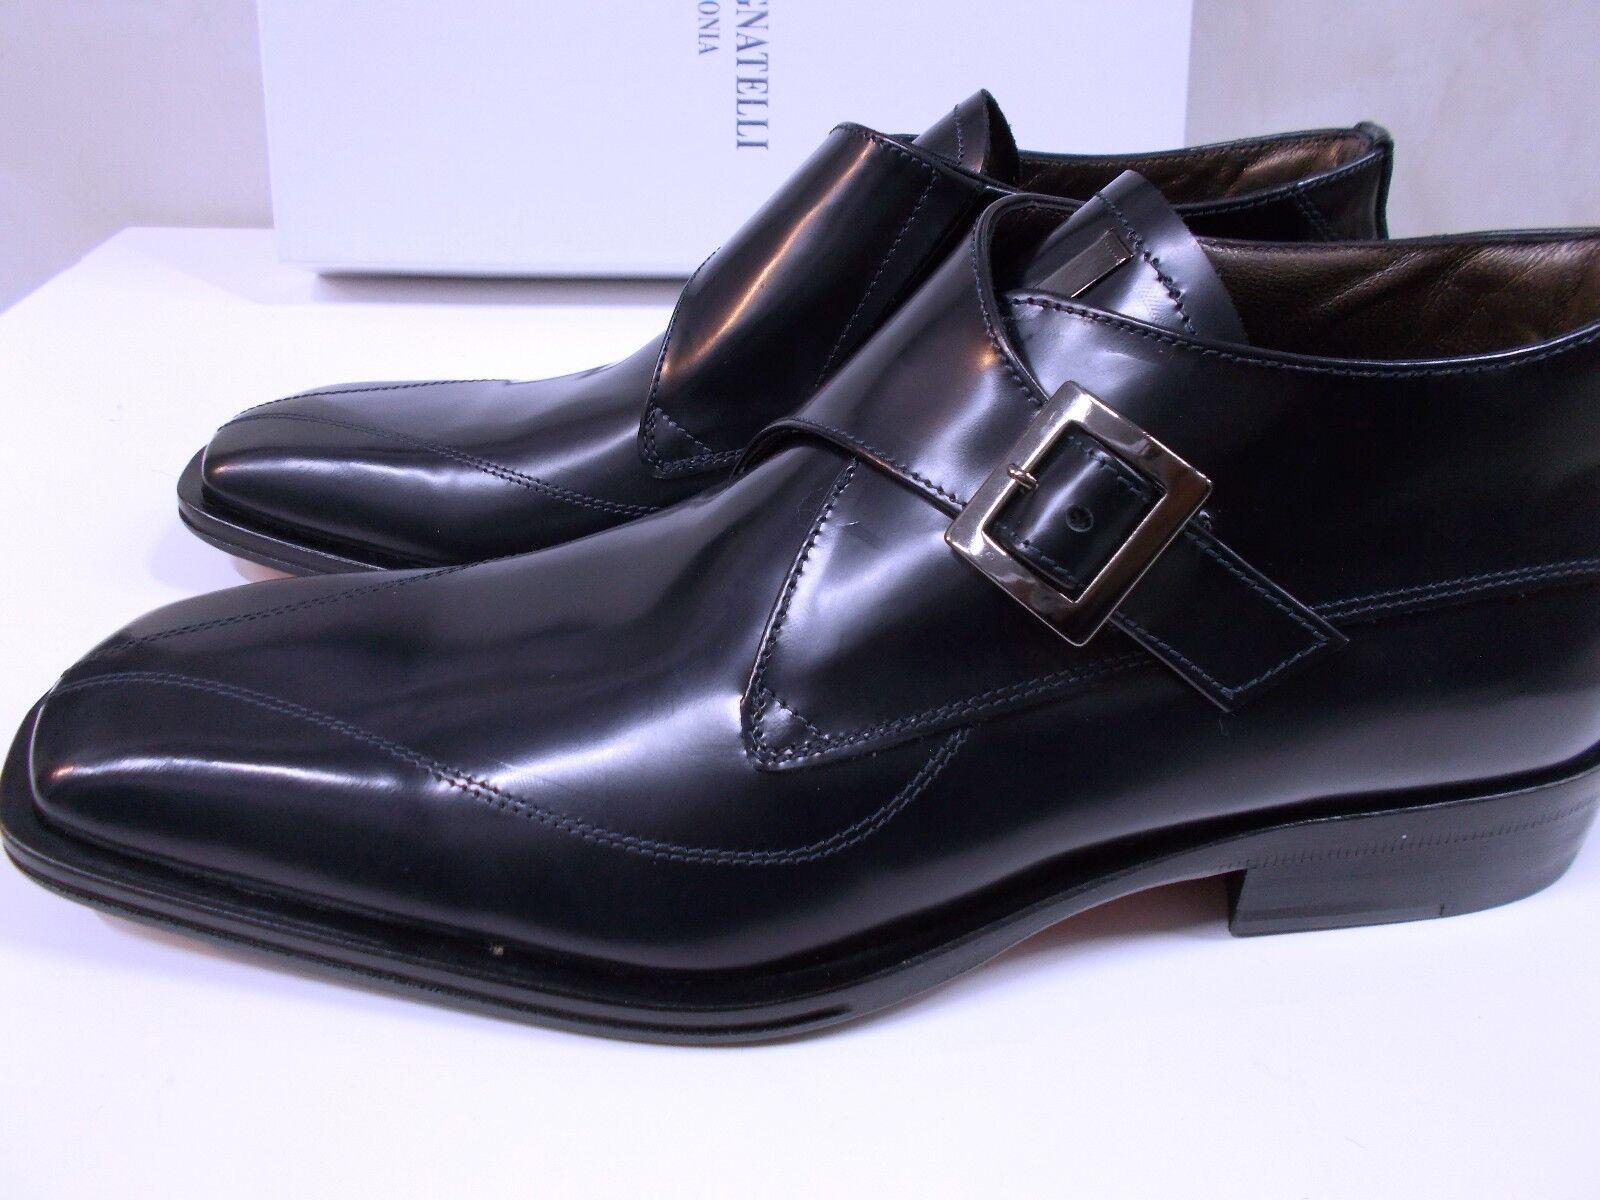 Herrenschuhe MAN n. 45 CARLO PIGNATELLI Schuhe MAN Herrenschuhe Männer Schuhe МУЖСКАЯ ОБУВЬ d8a7da